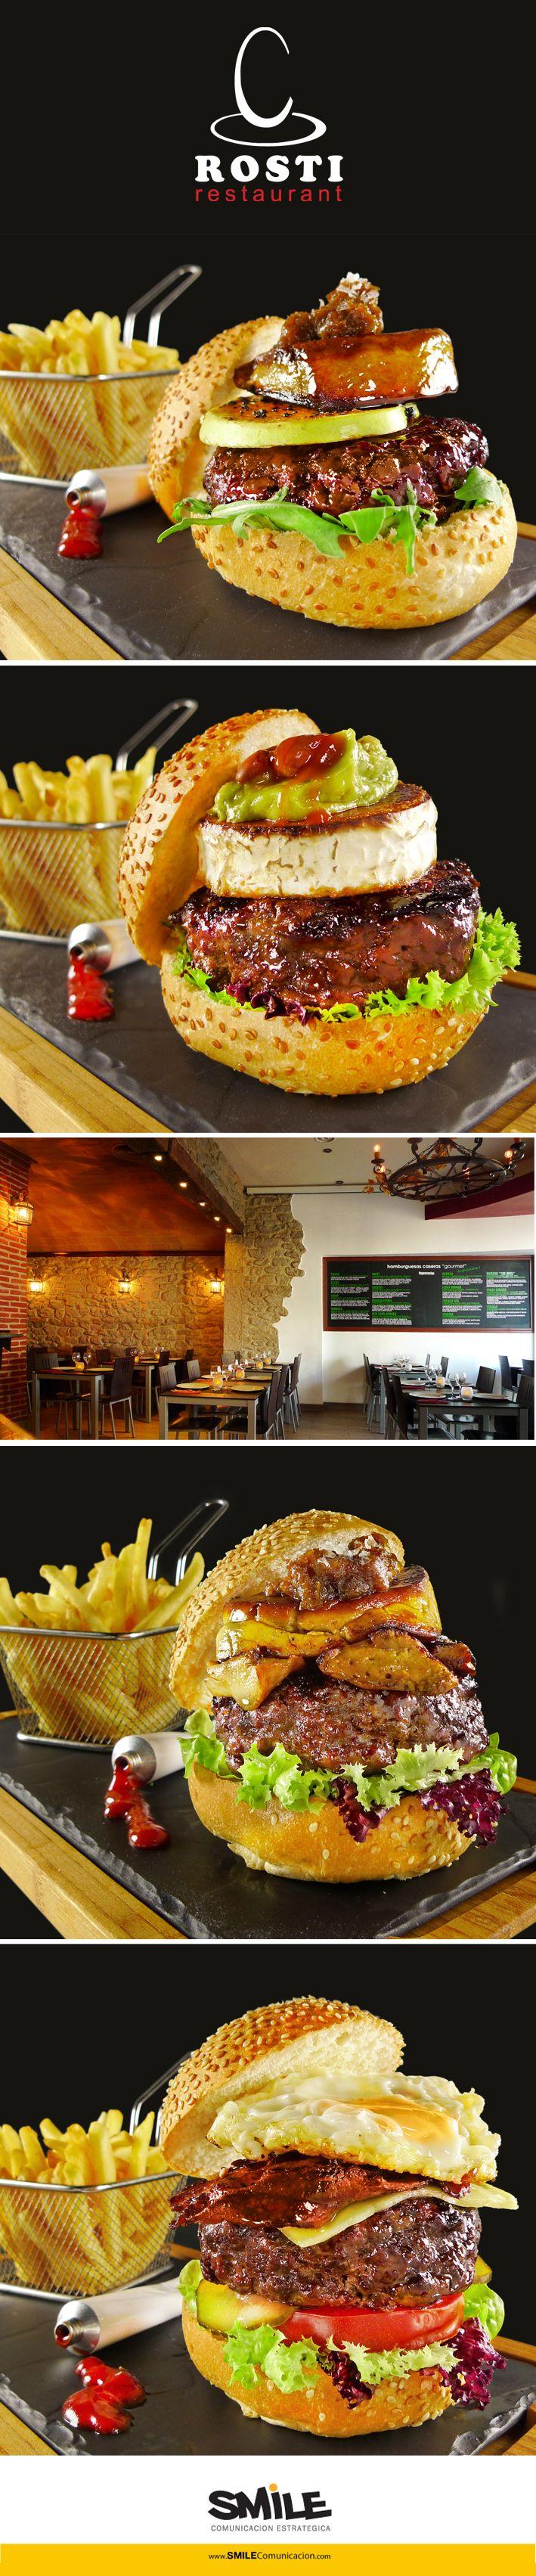 Fotografía de hamburguesas caseras gourmet.